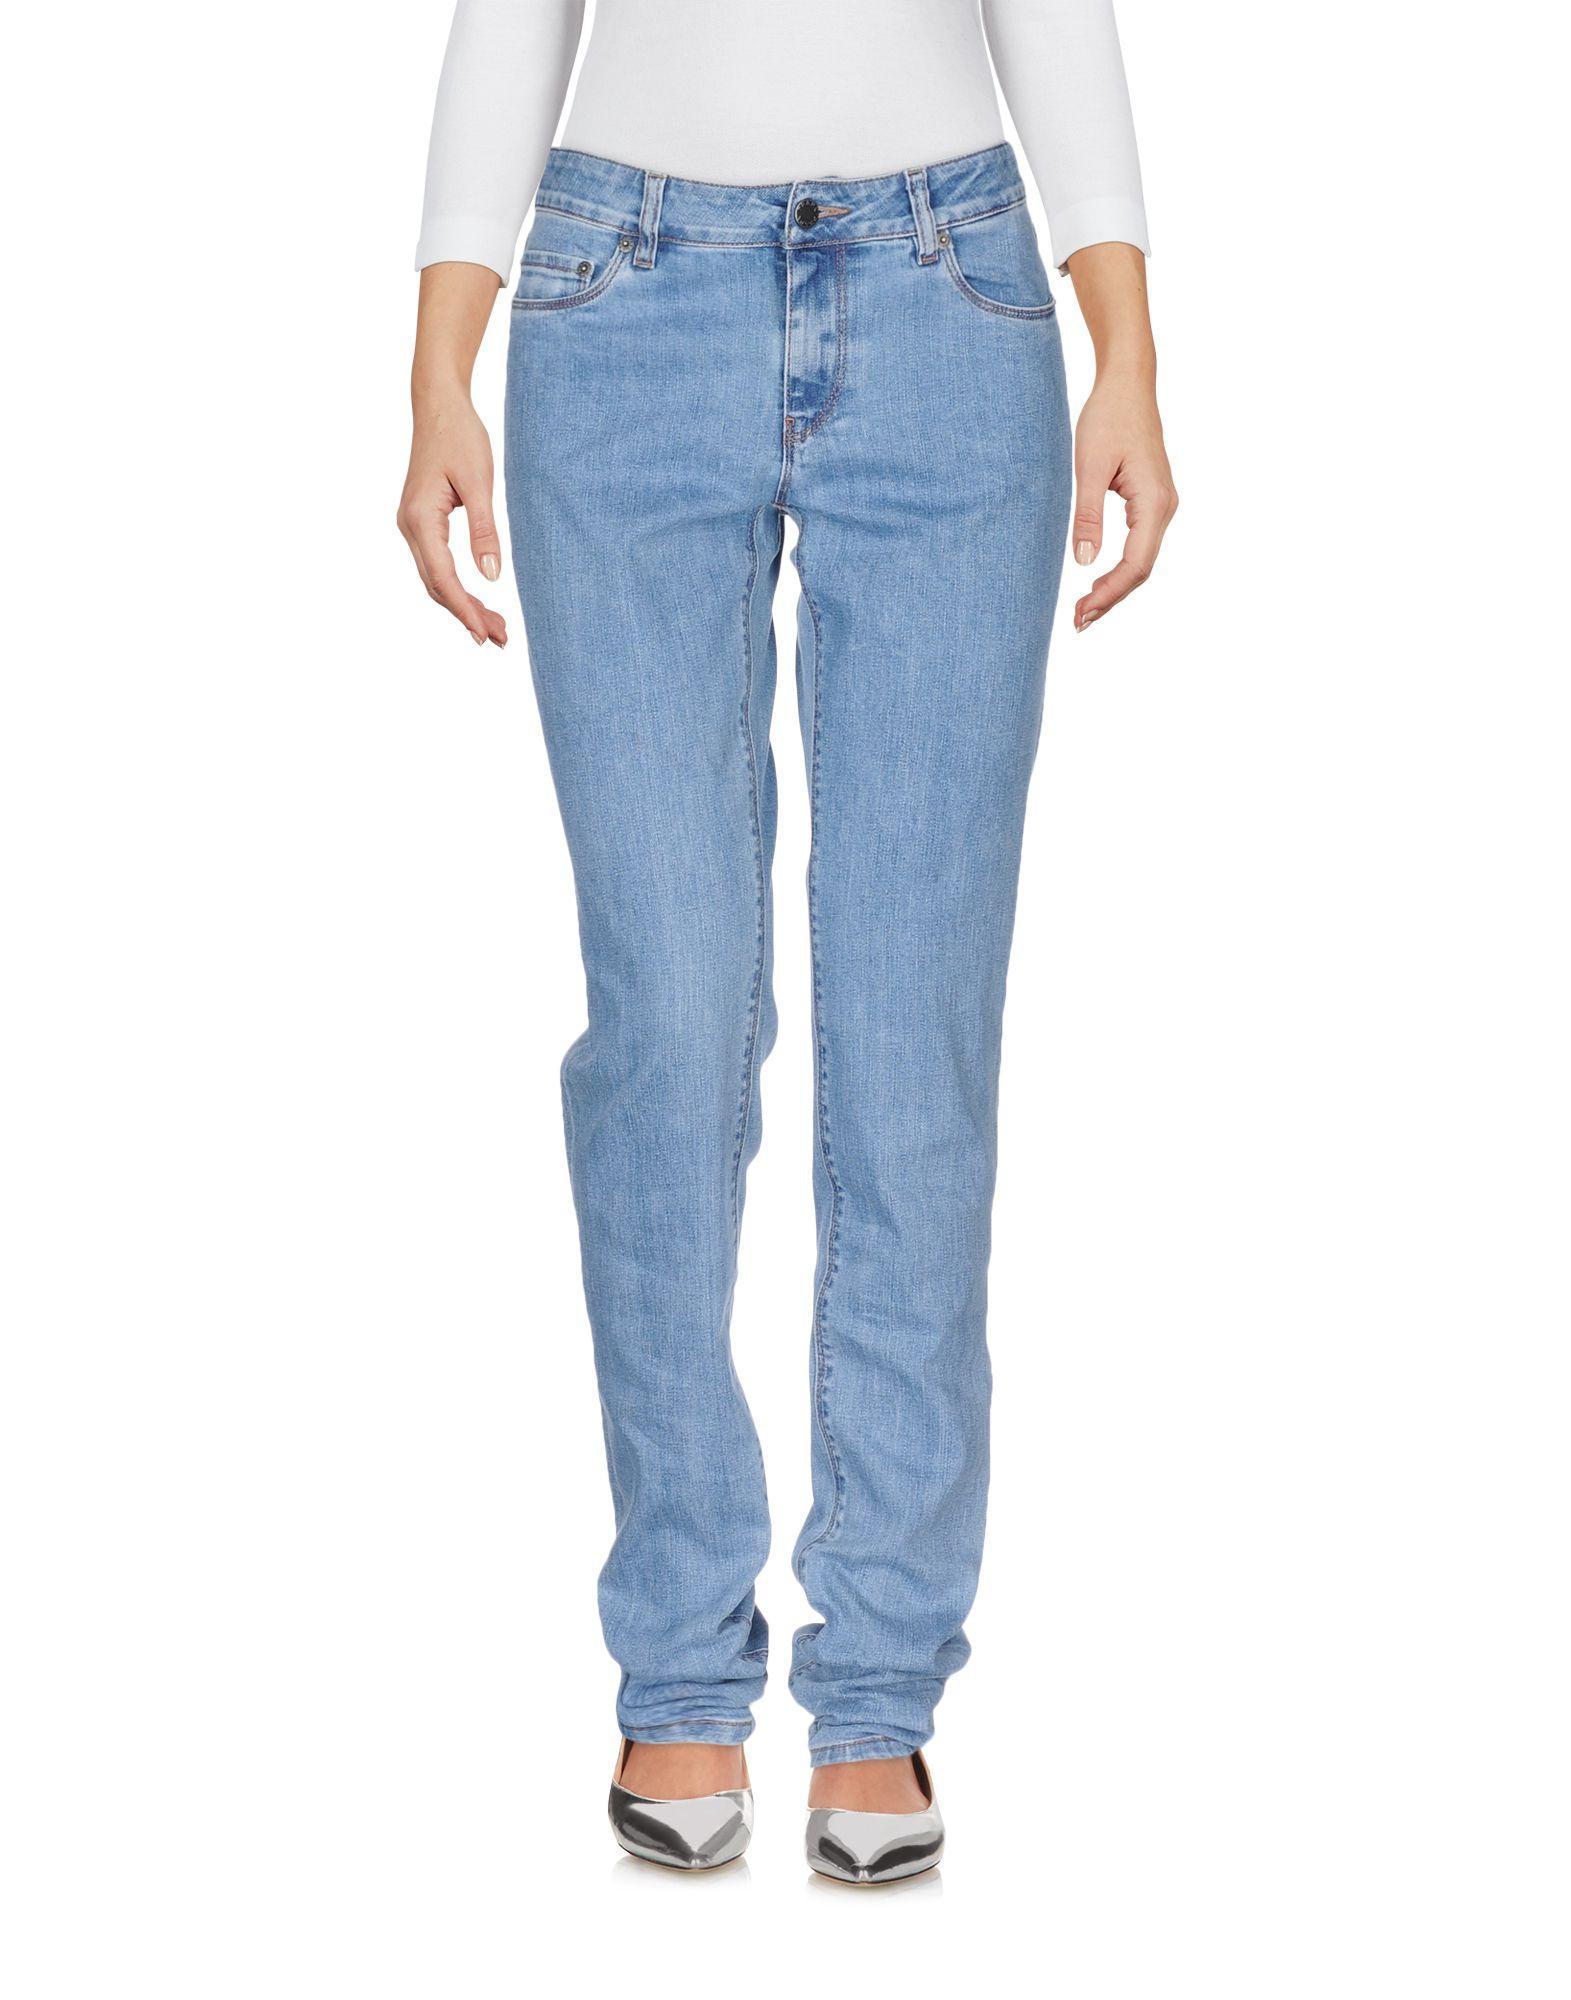 Prada Denim Pants In Blue